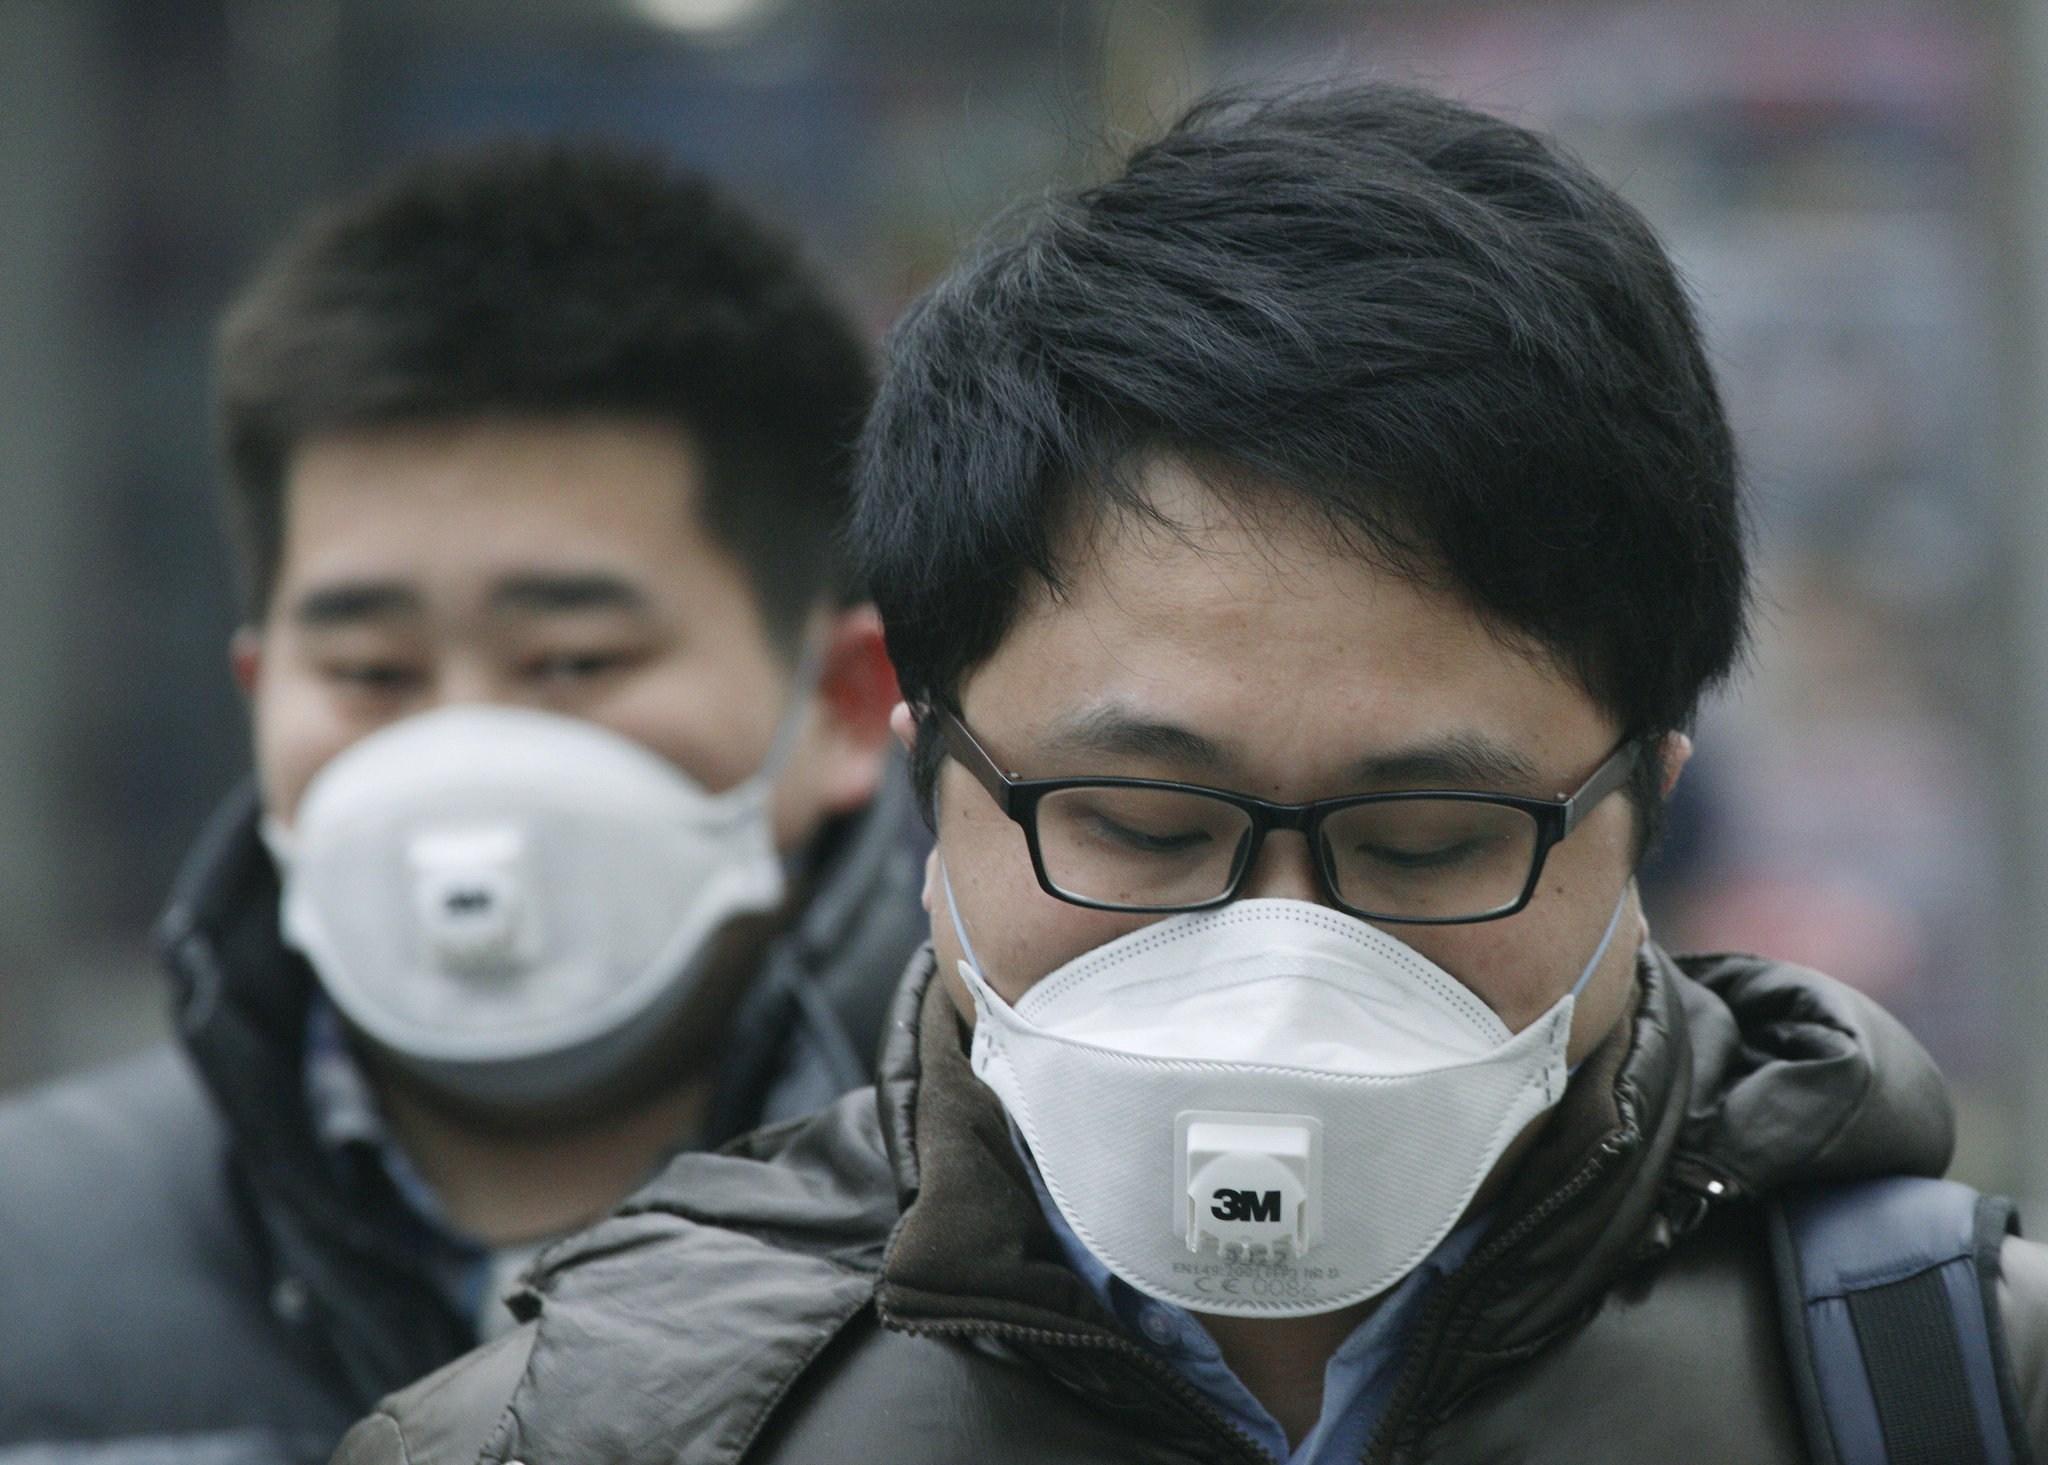 雾霾天吃酵素清除体内垃圾